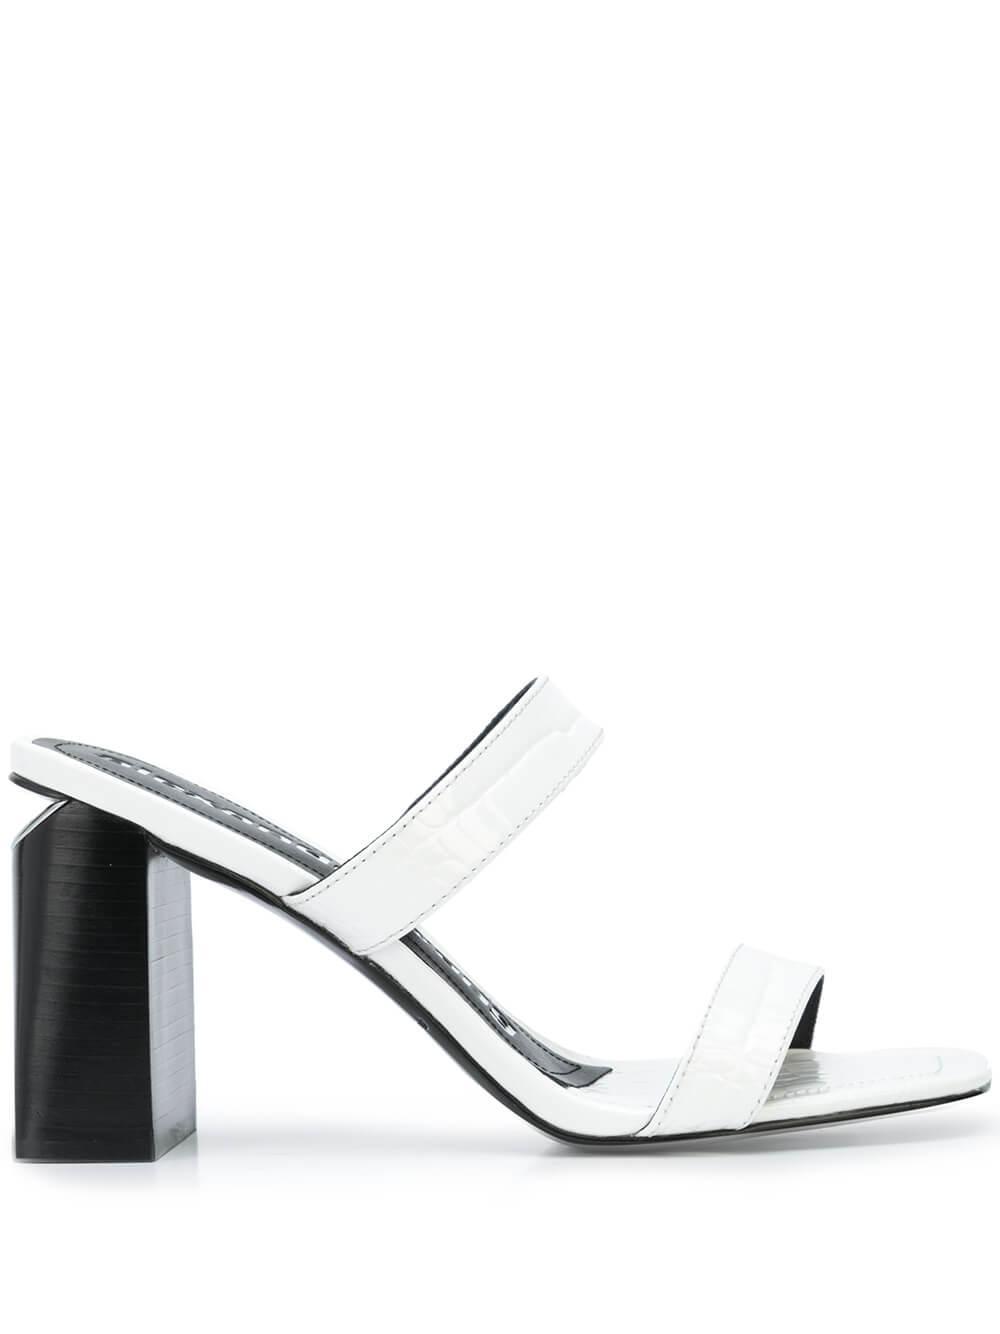 Hayden Croc Embossed Block Heel Sandal Item # 30C120B110